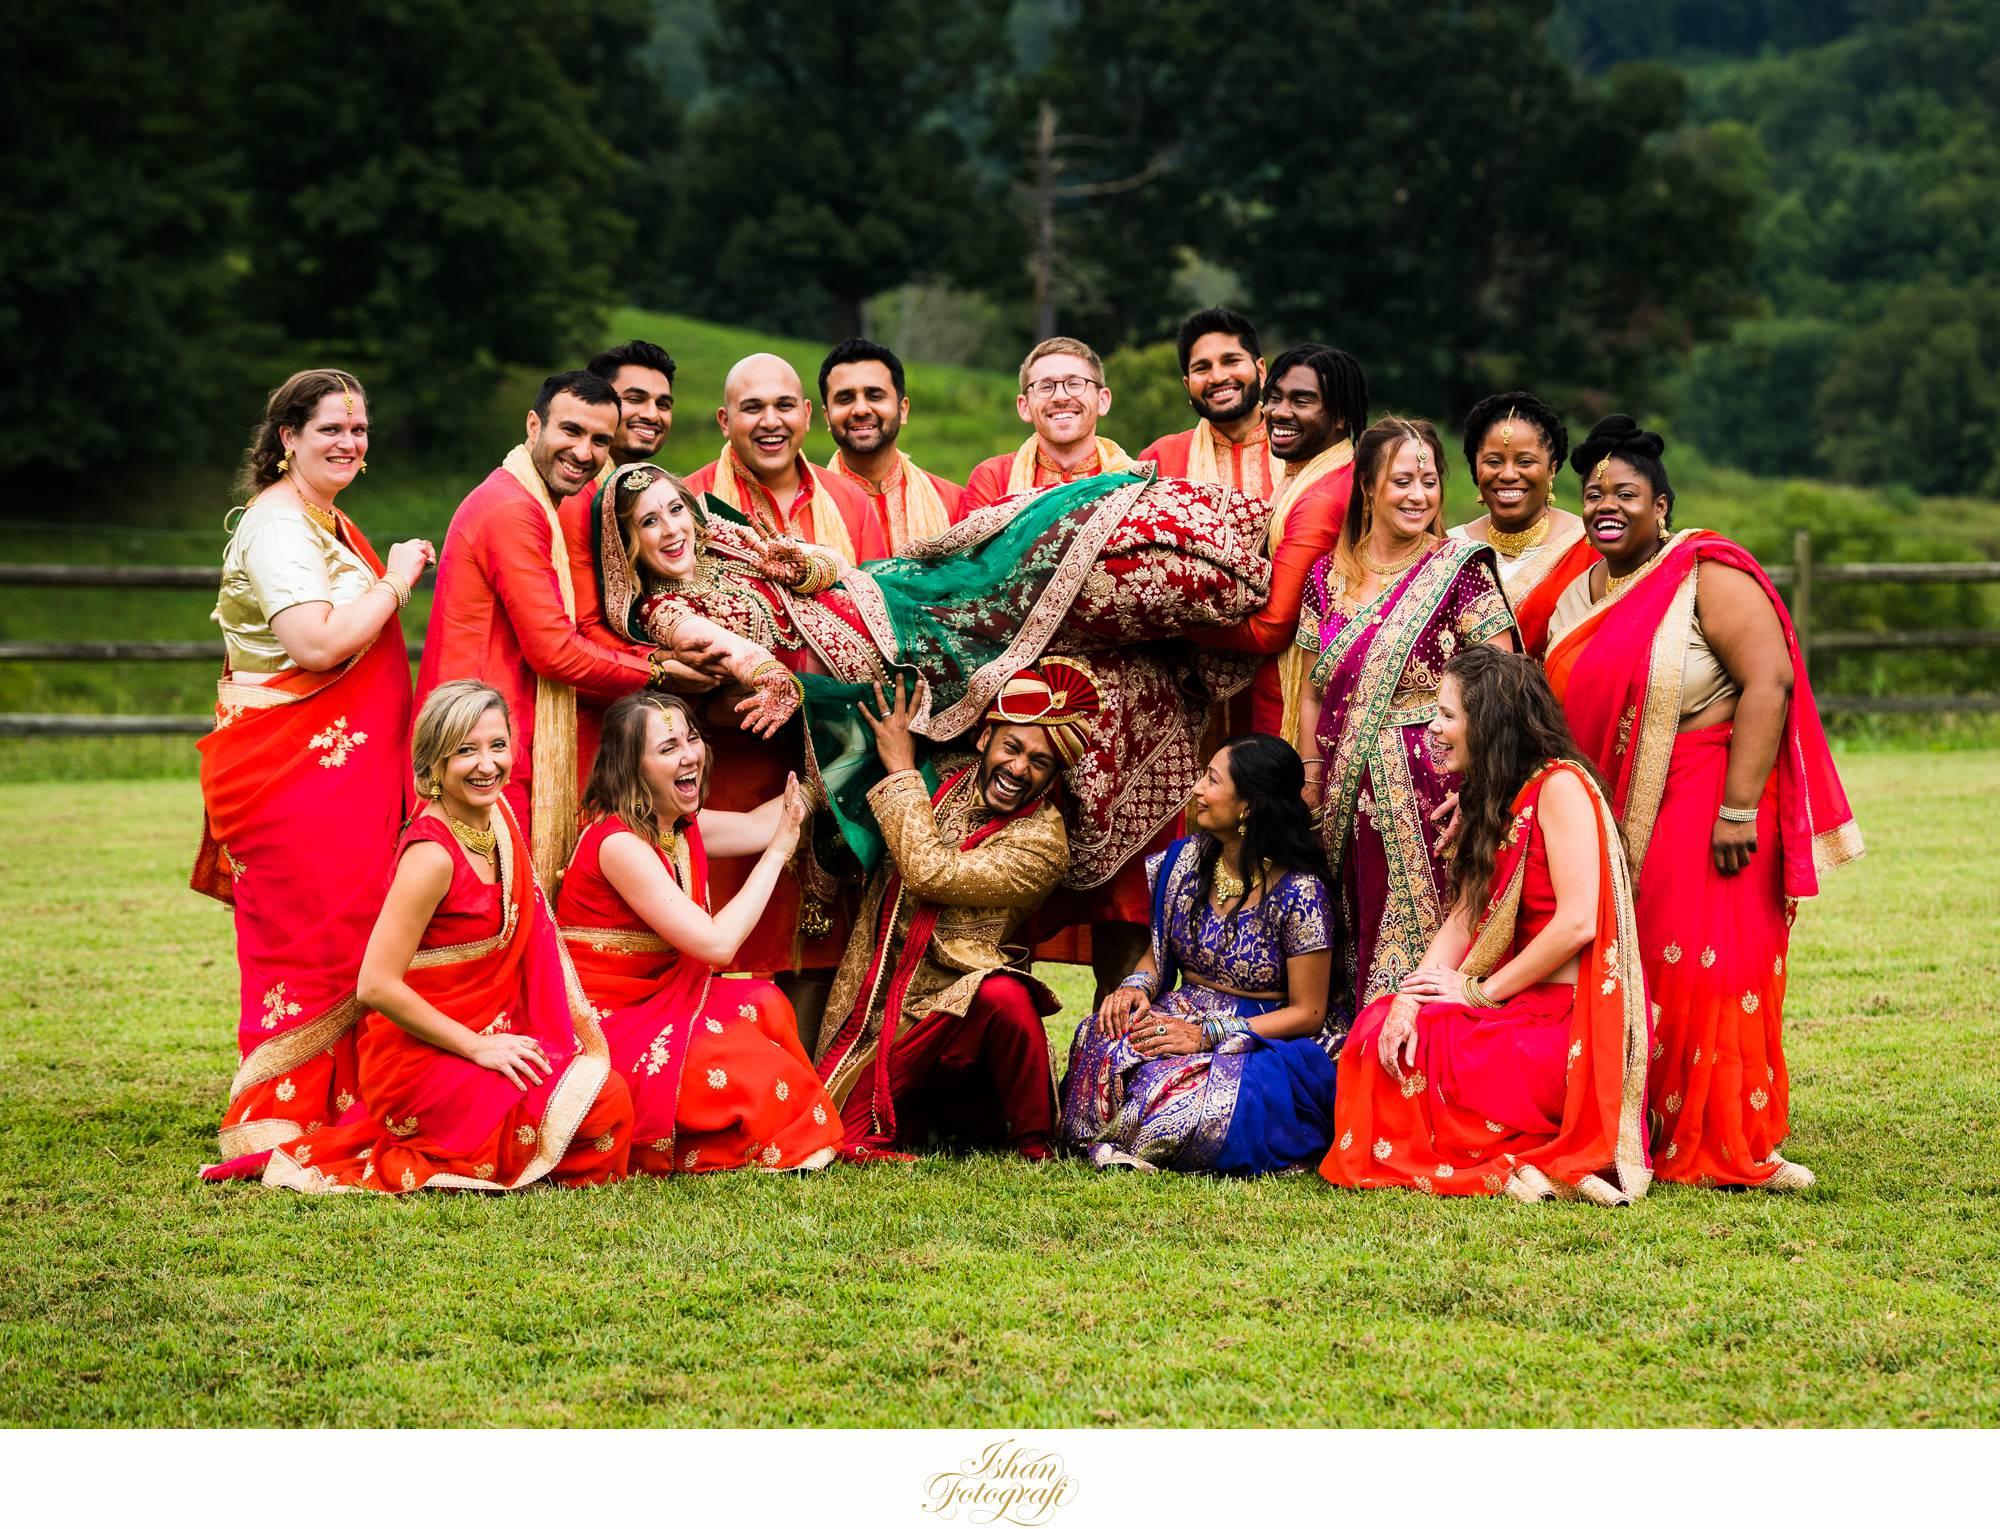 fun-bridal-party-photos-at-claxton-farm-NC